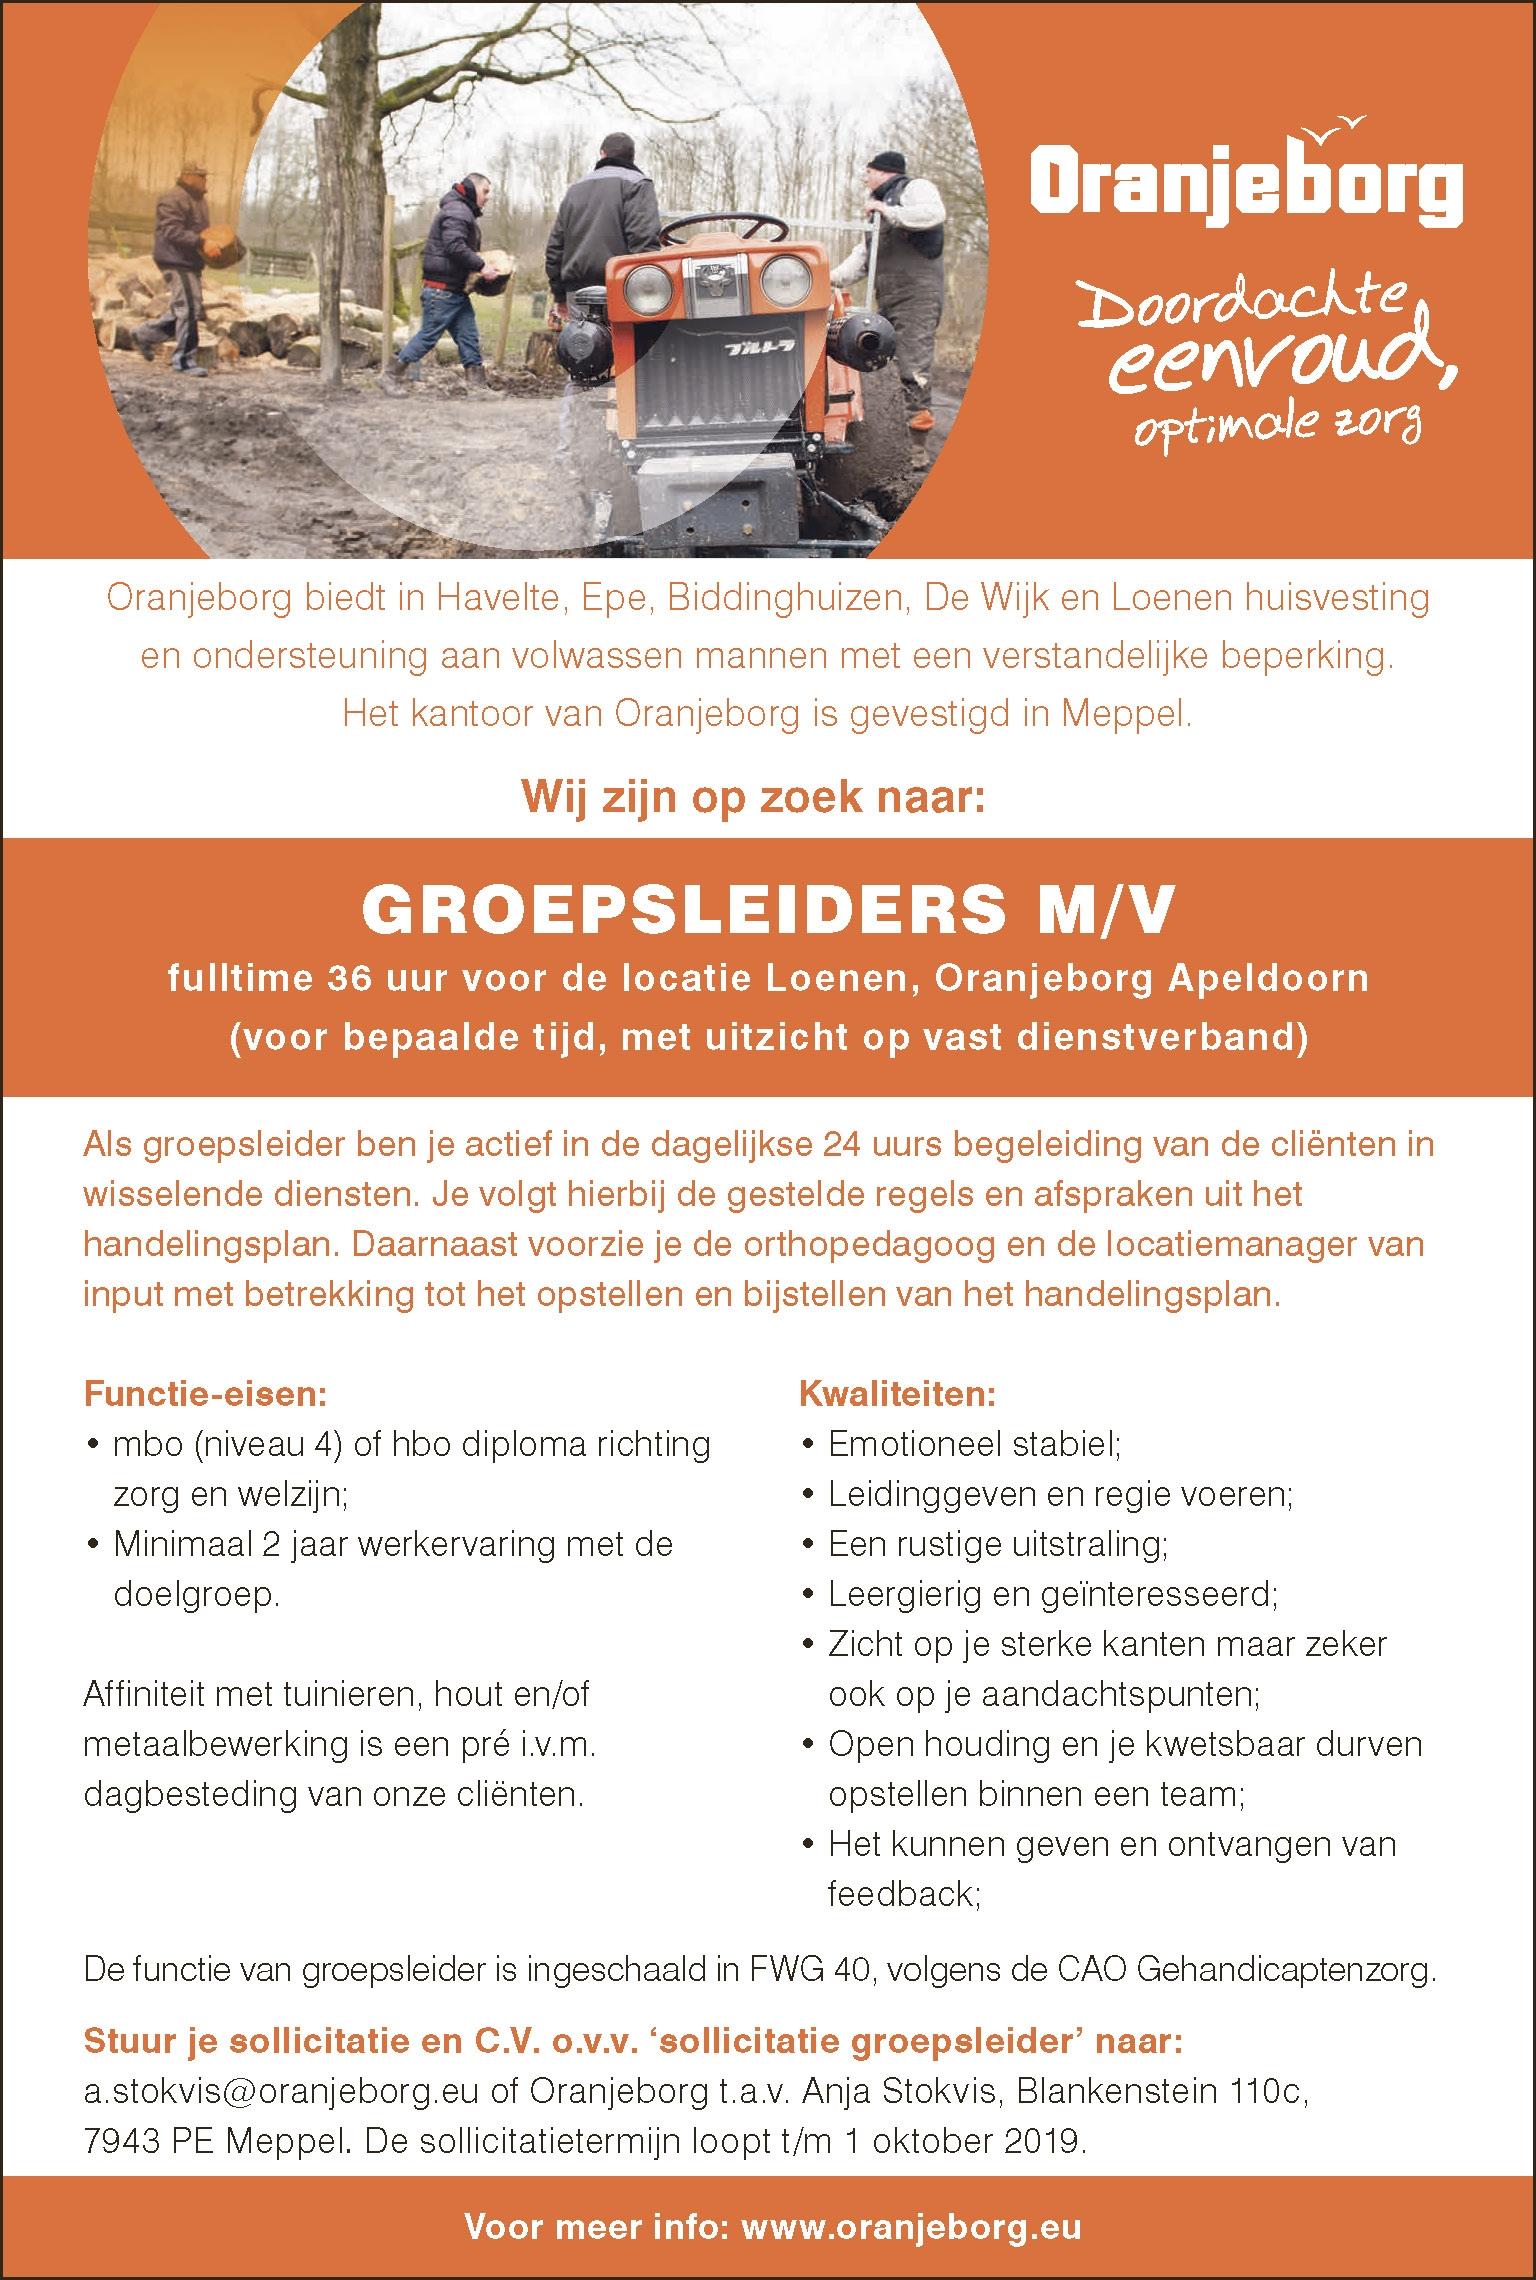 GROEPSLEIDERS M/V